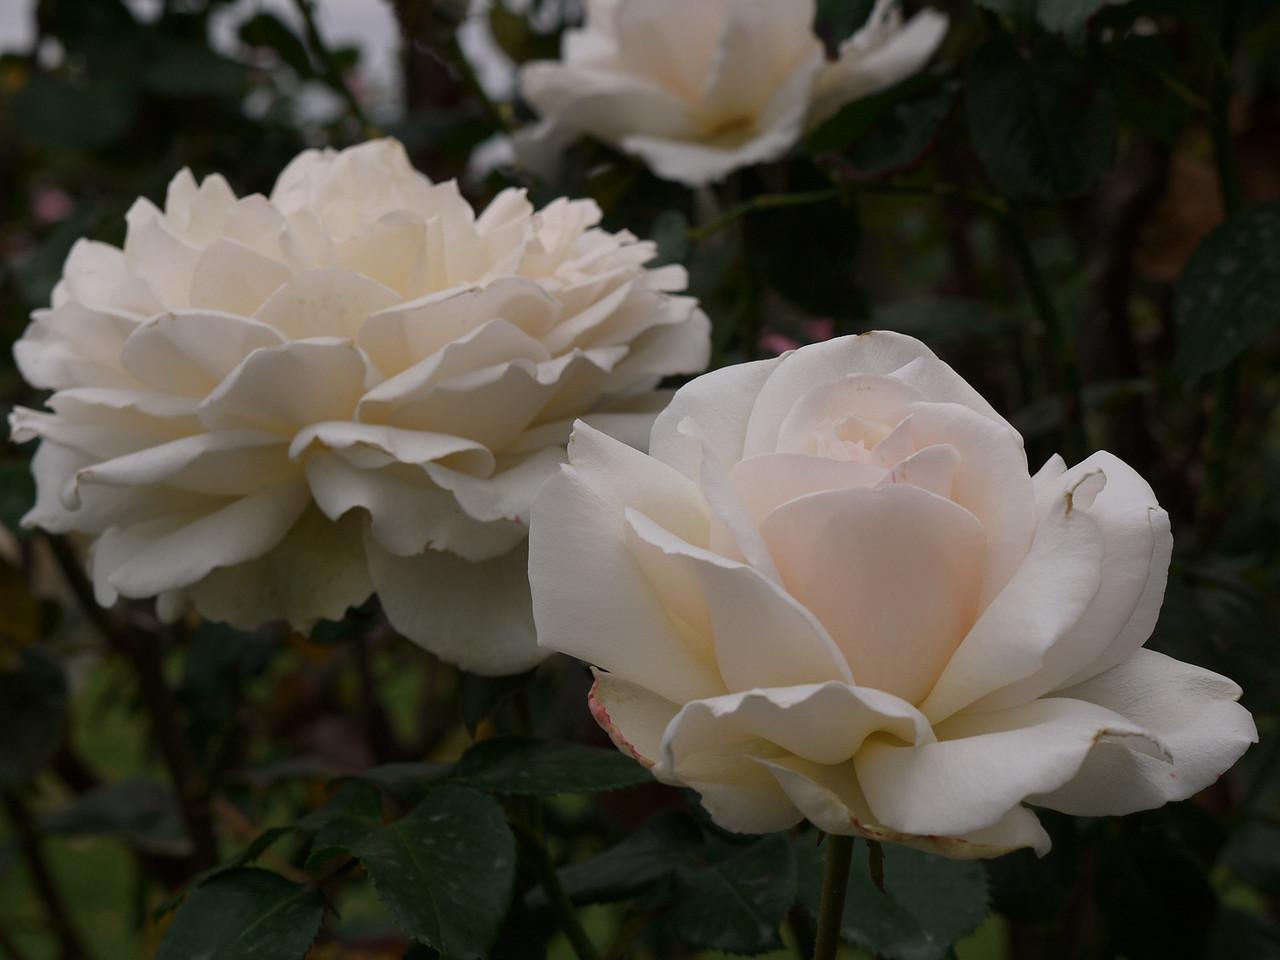 20120419_1056_0051 rose